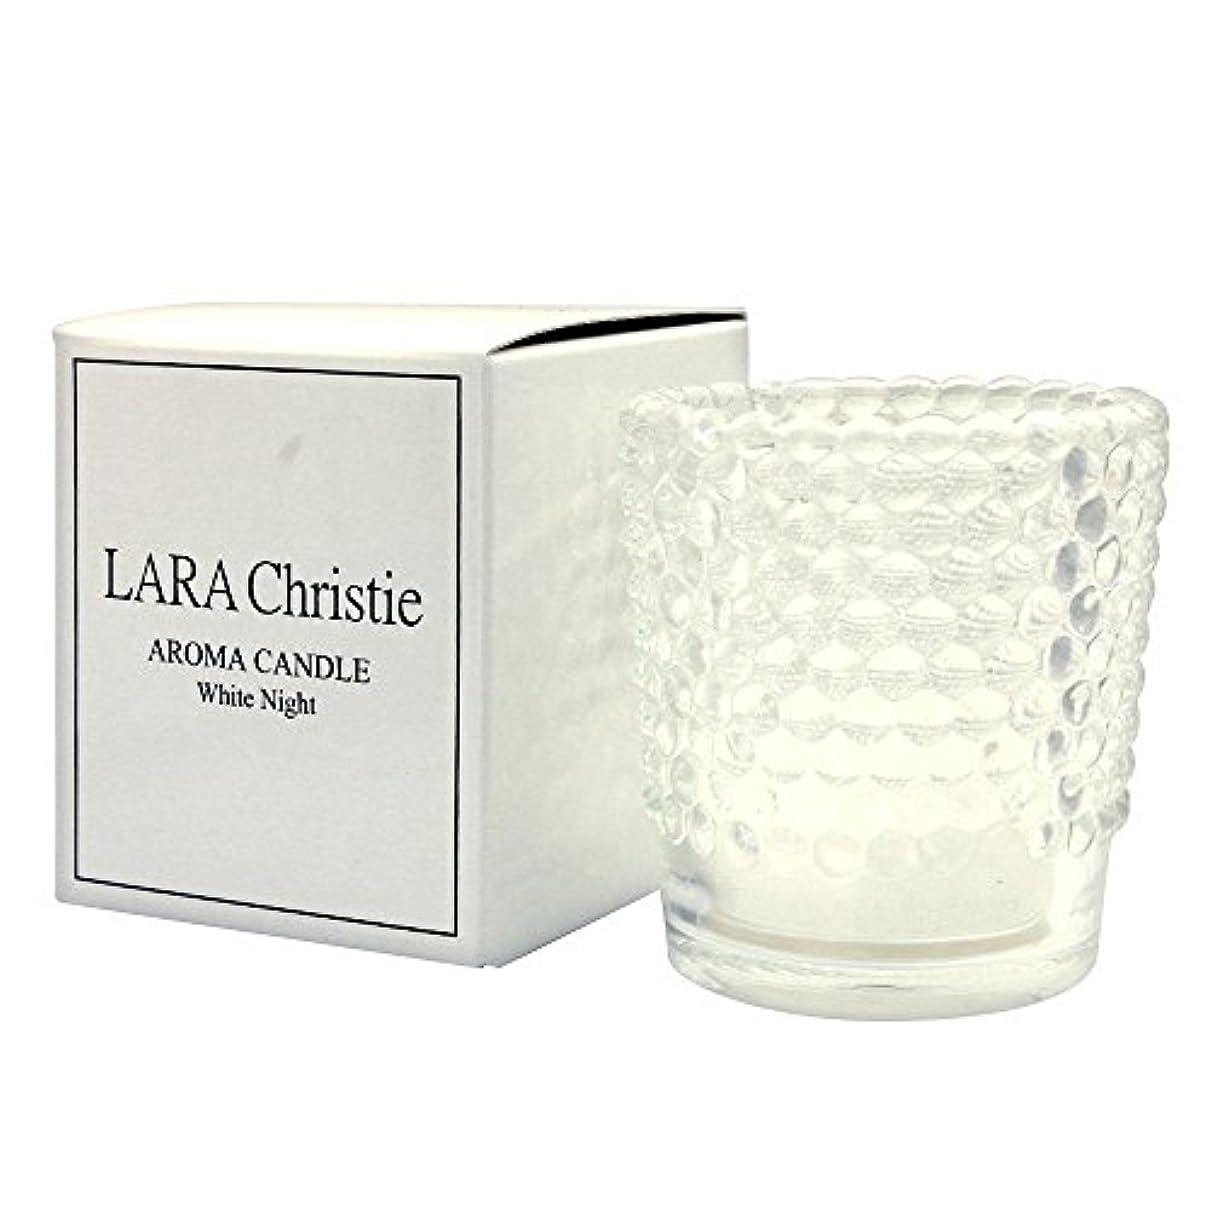 強制的進行中のぞき穴[ララクリスティー] LARA Christie ホワイトナイト アロマキャンドル [ WHITE Label ] a0011-w